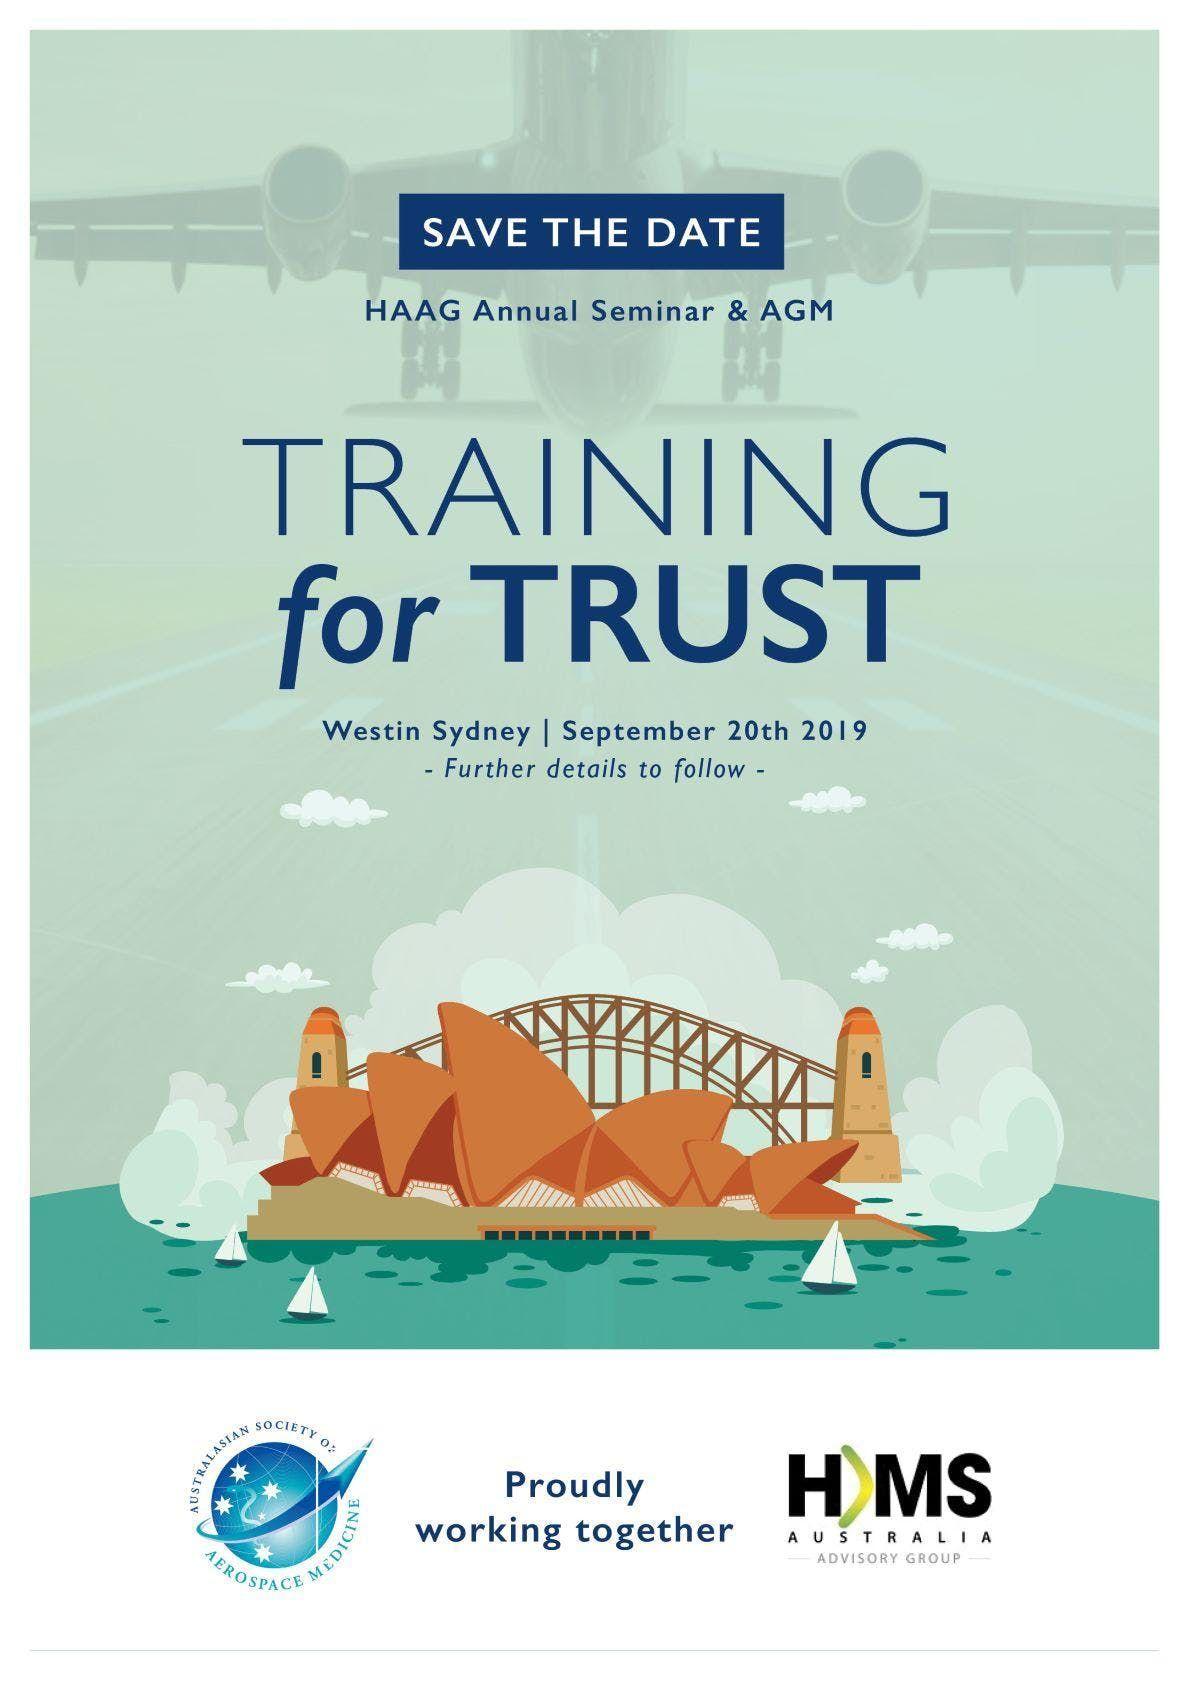 HAAG Annual Educational Seminar & AGM